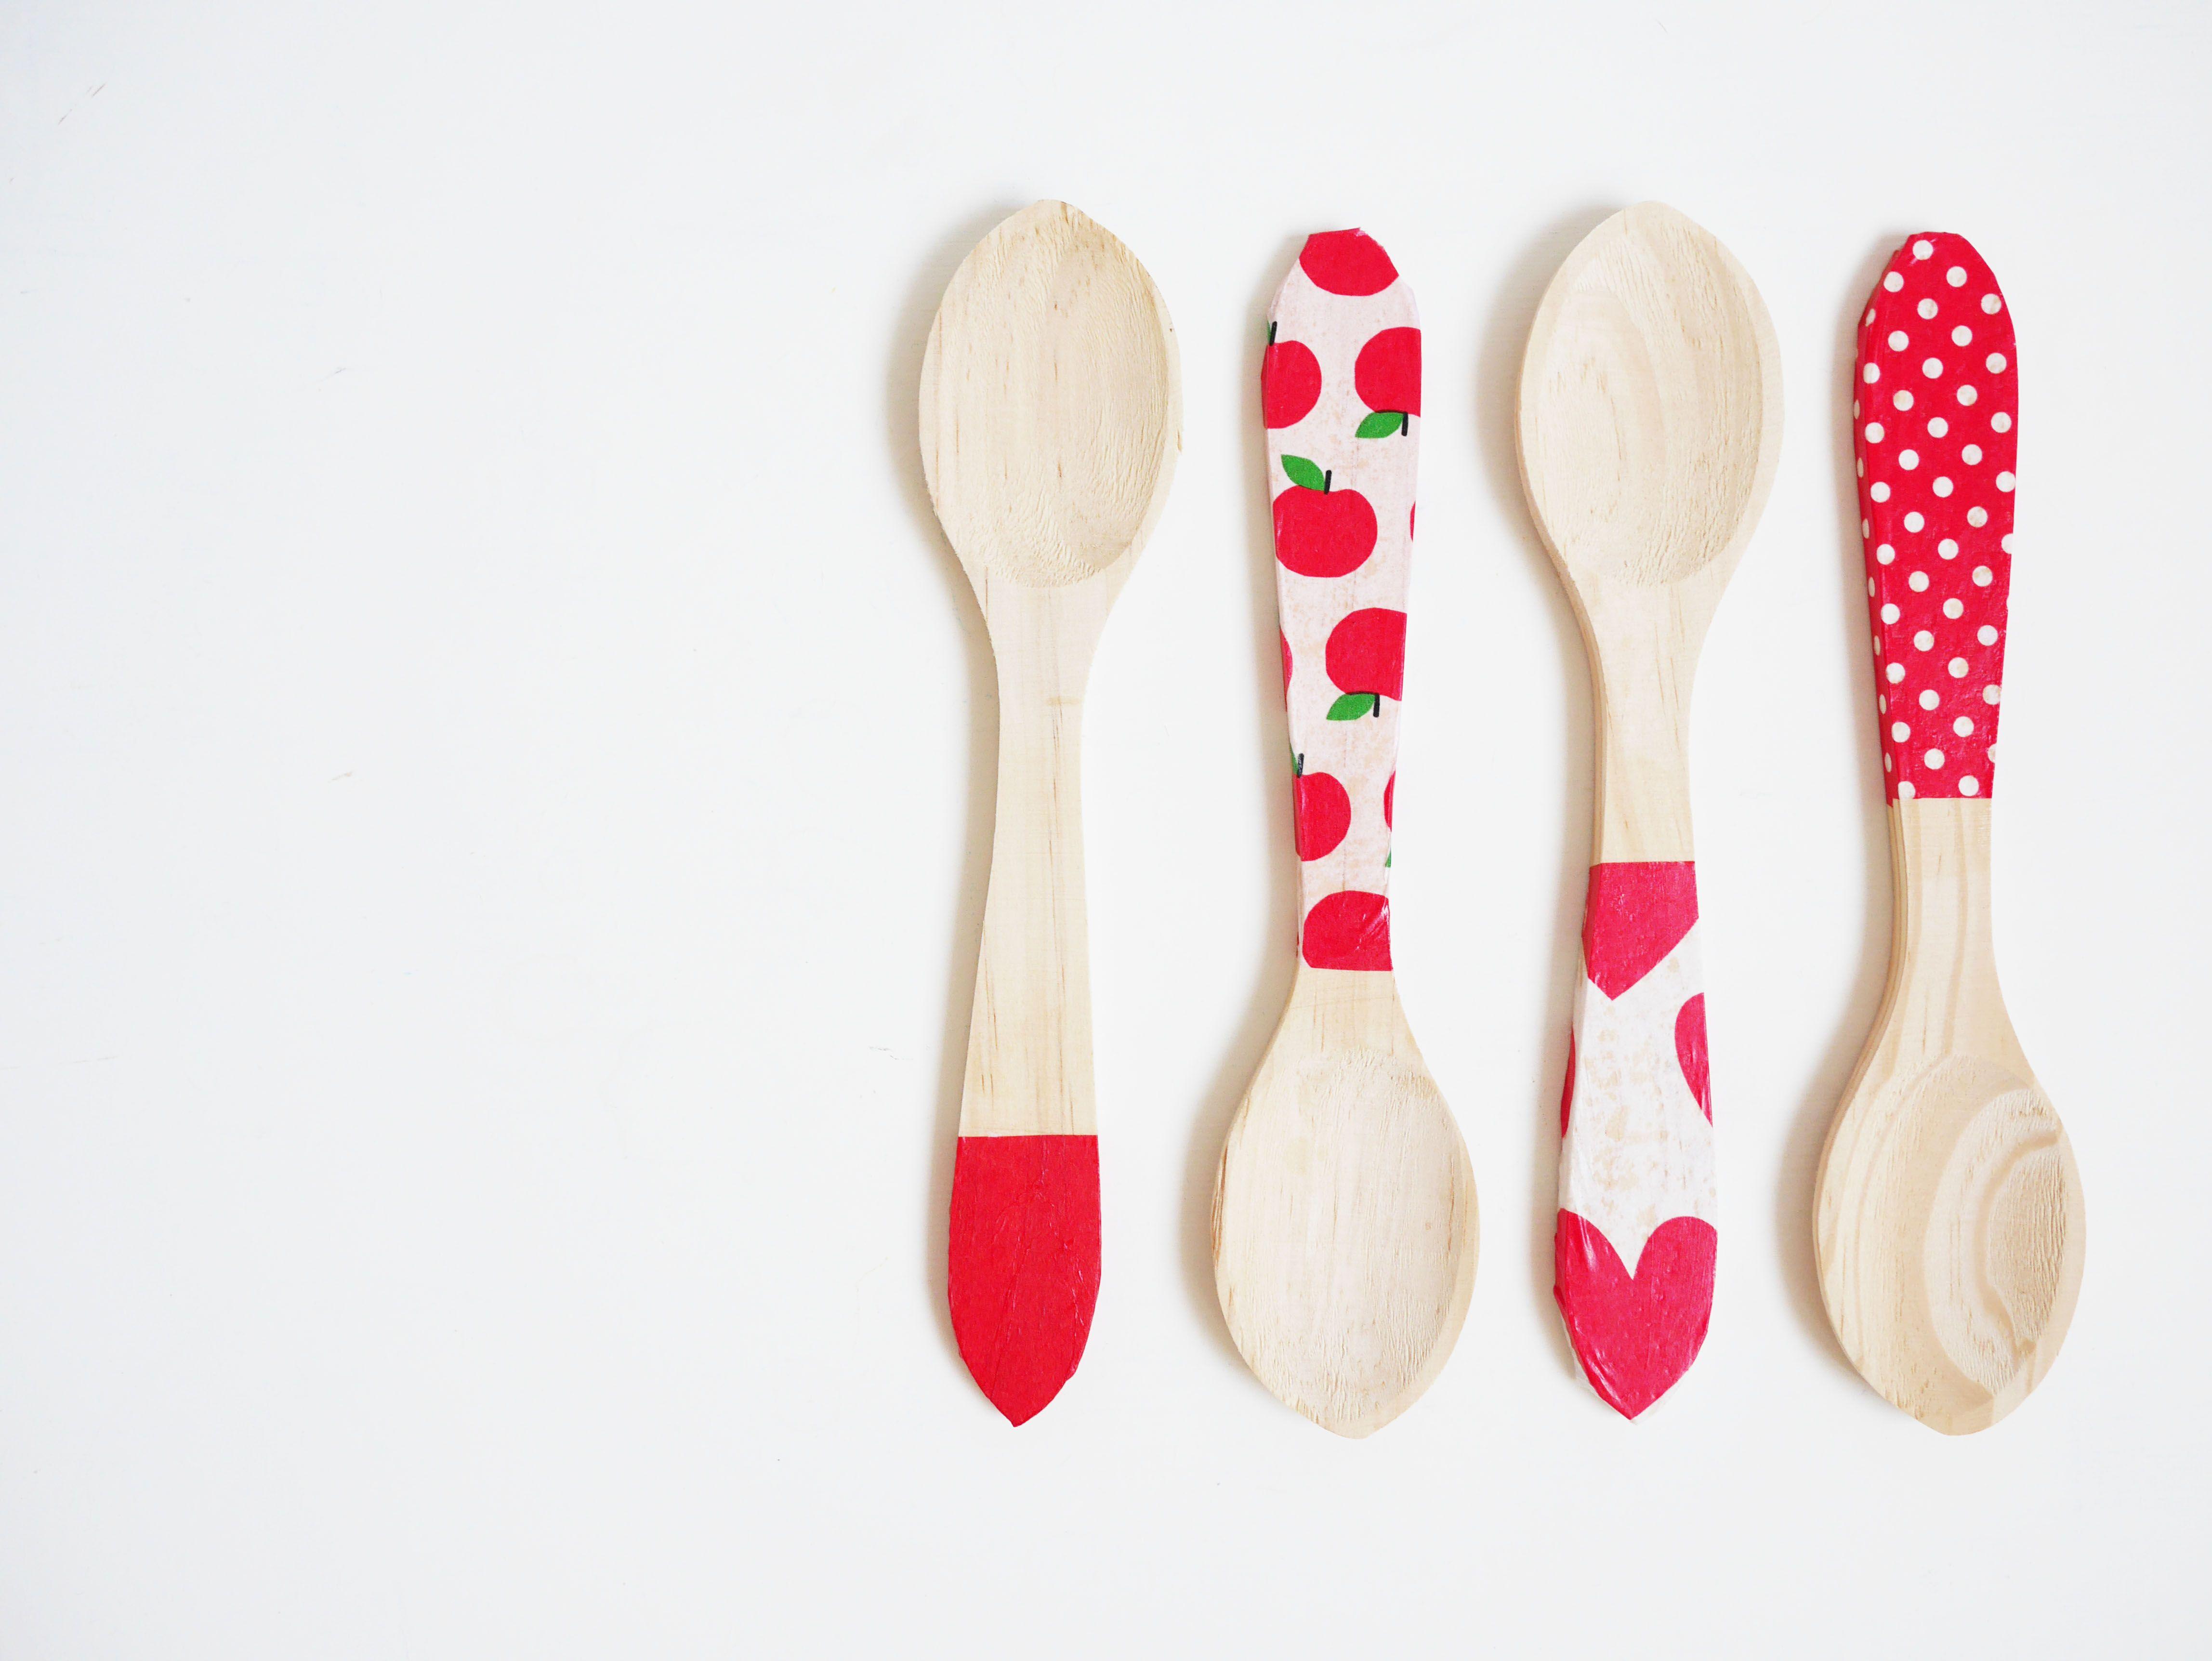 DIY cucharas de madera personalizadas | Apartment inspiration ...